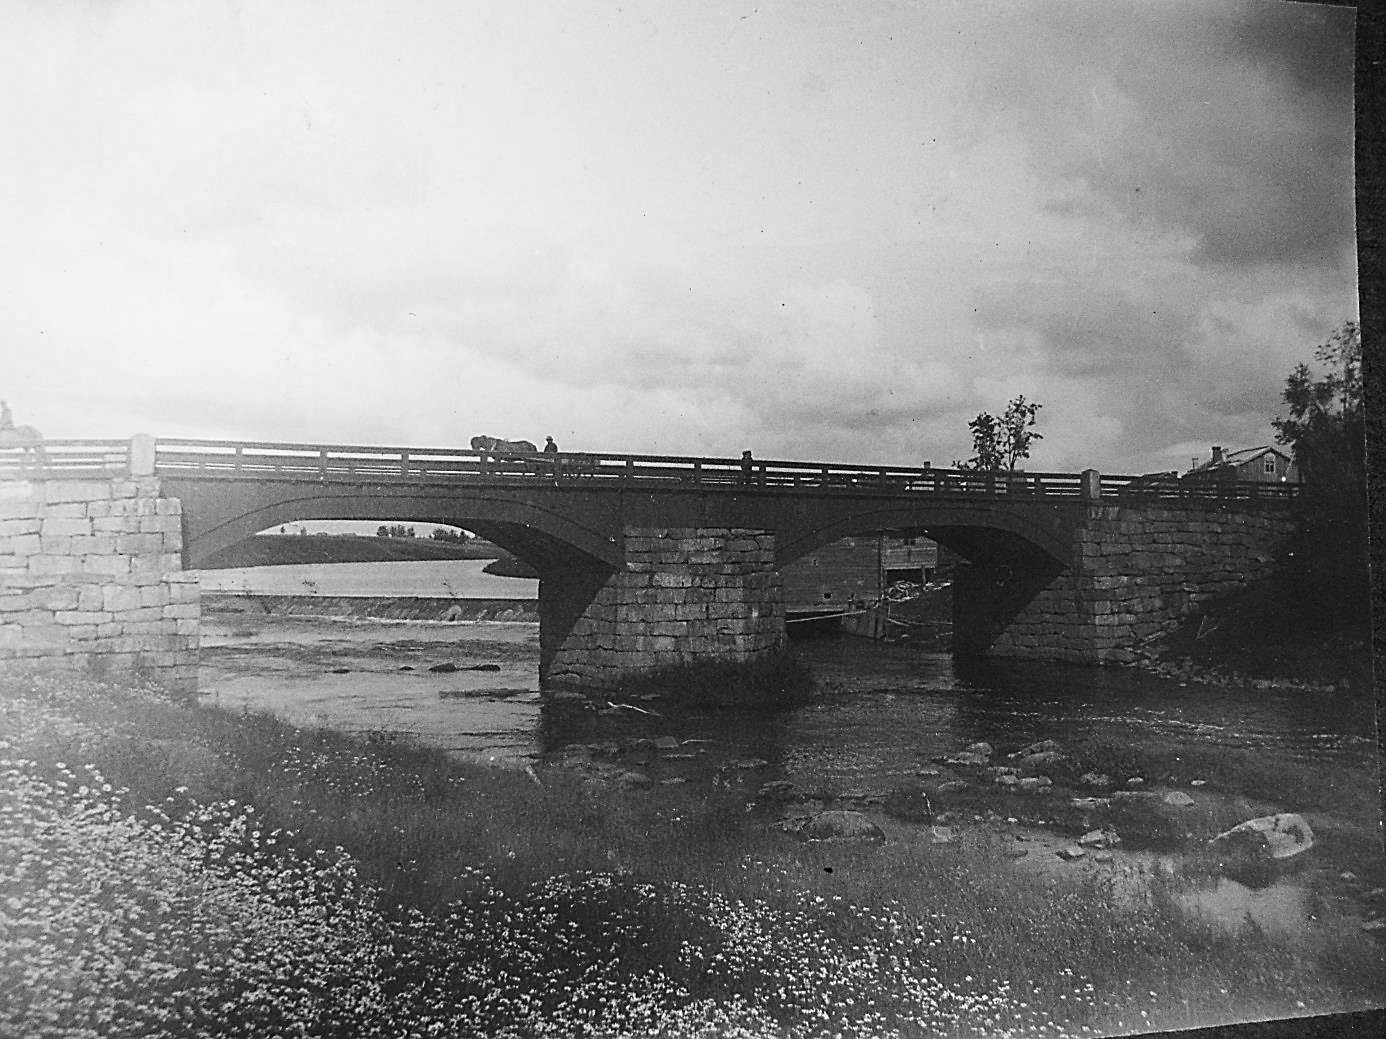 J.J. Wadström som var lärare i Dagsmark under åren 1882 – 1919 har tagit detta foto. De speciella brospannen var av trä och i det högra skymtar kvarnen och i det vänstra syns dammen som ledde vattnet in i kvarnen.